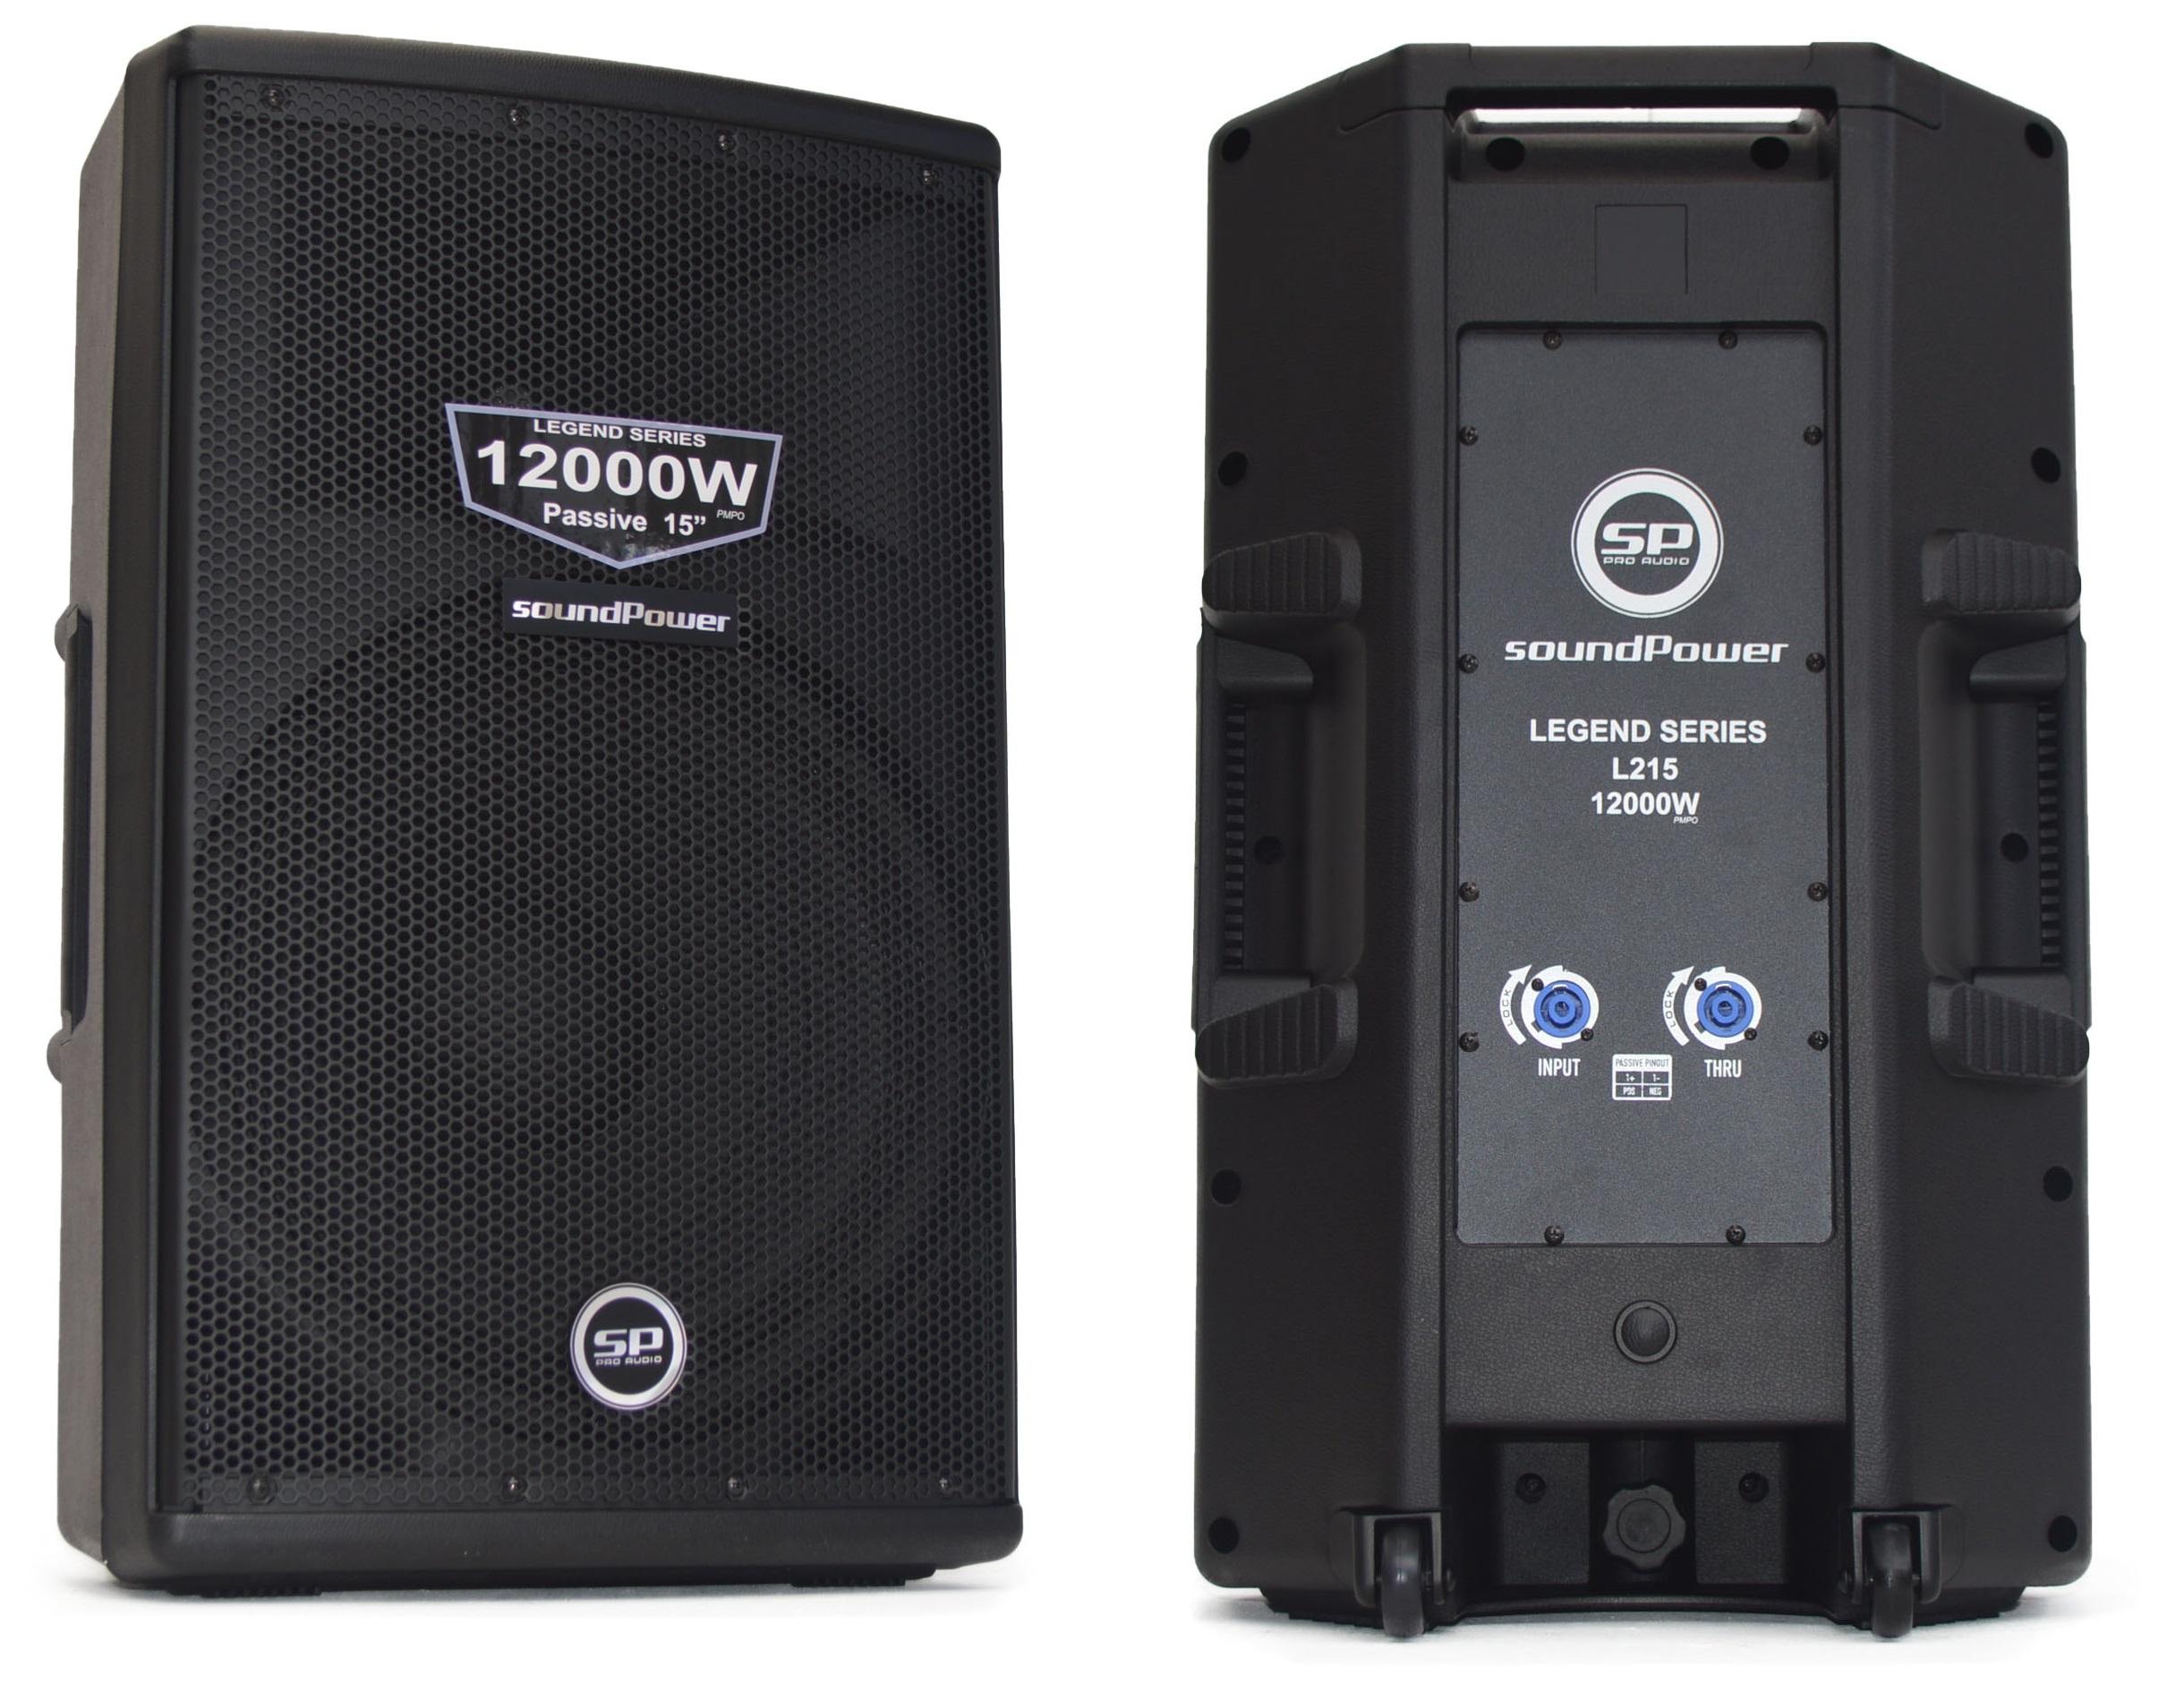 soundPower L315D-PLUS / L215